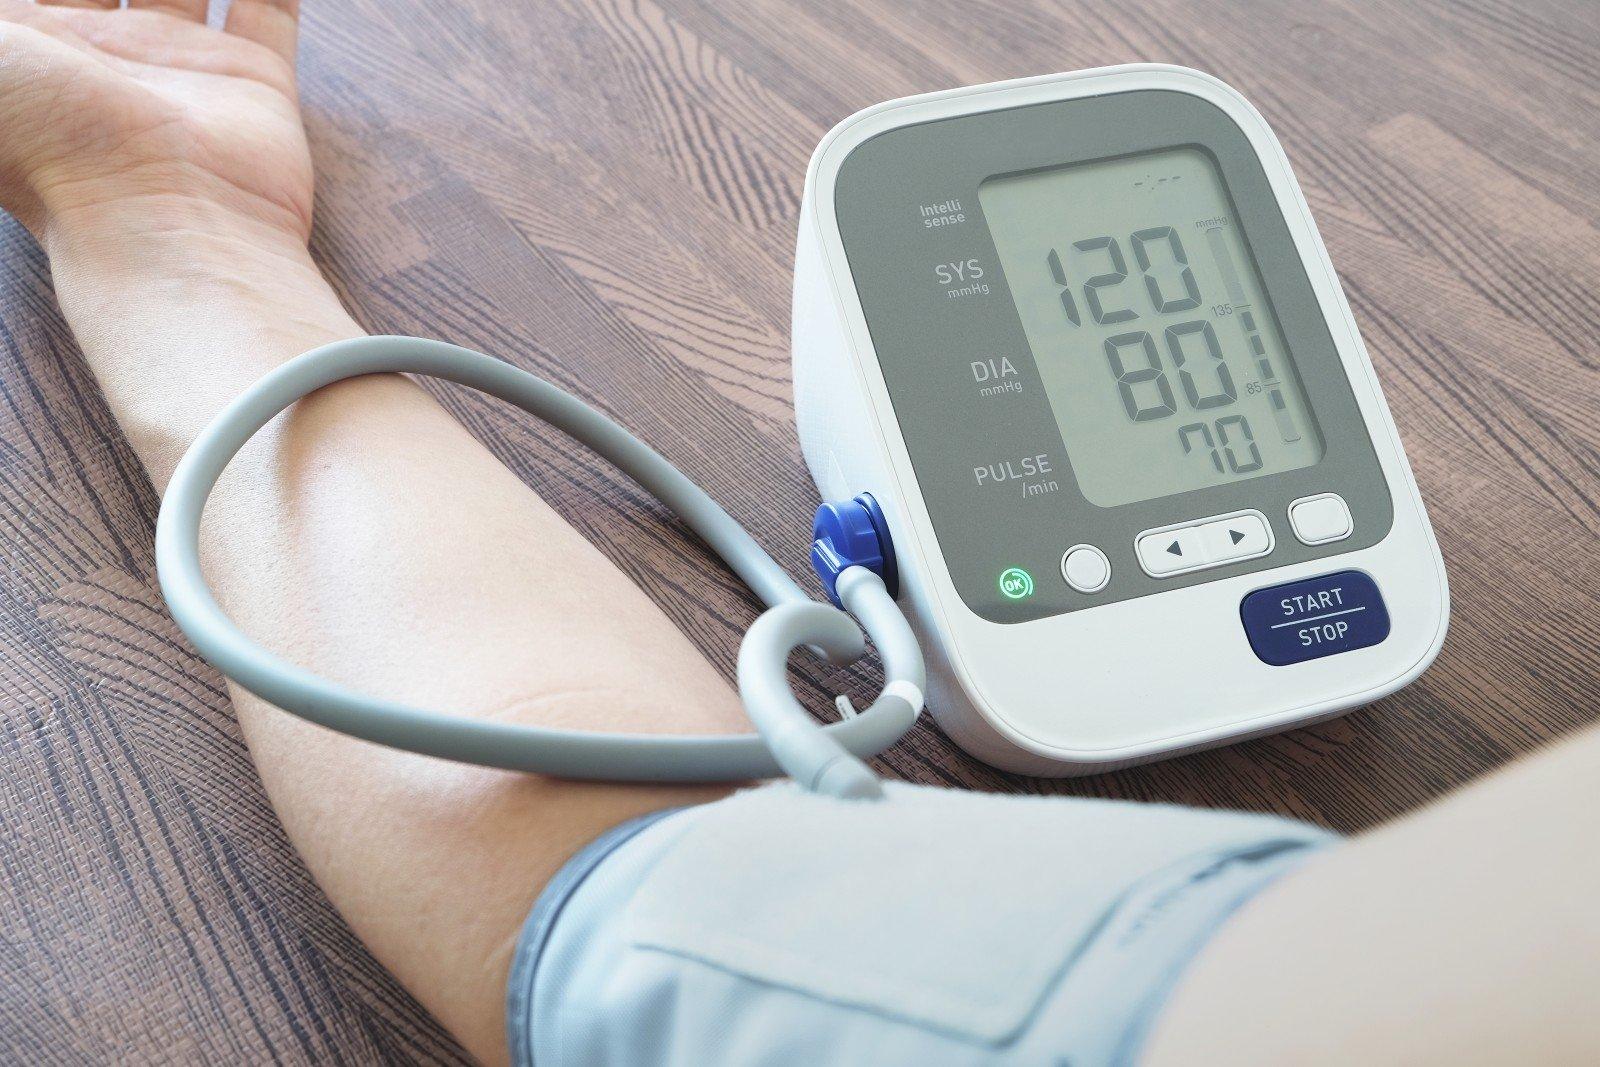 vaistai nuo hipertenzijos, kurie mažina kraujospūdį